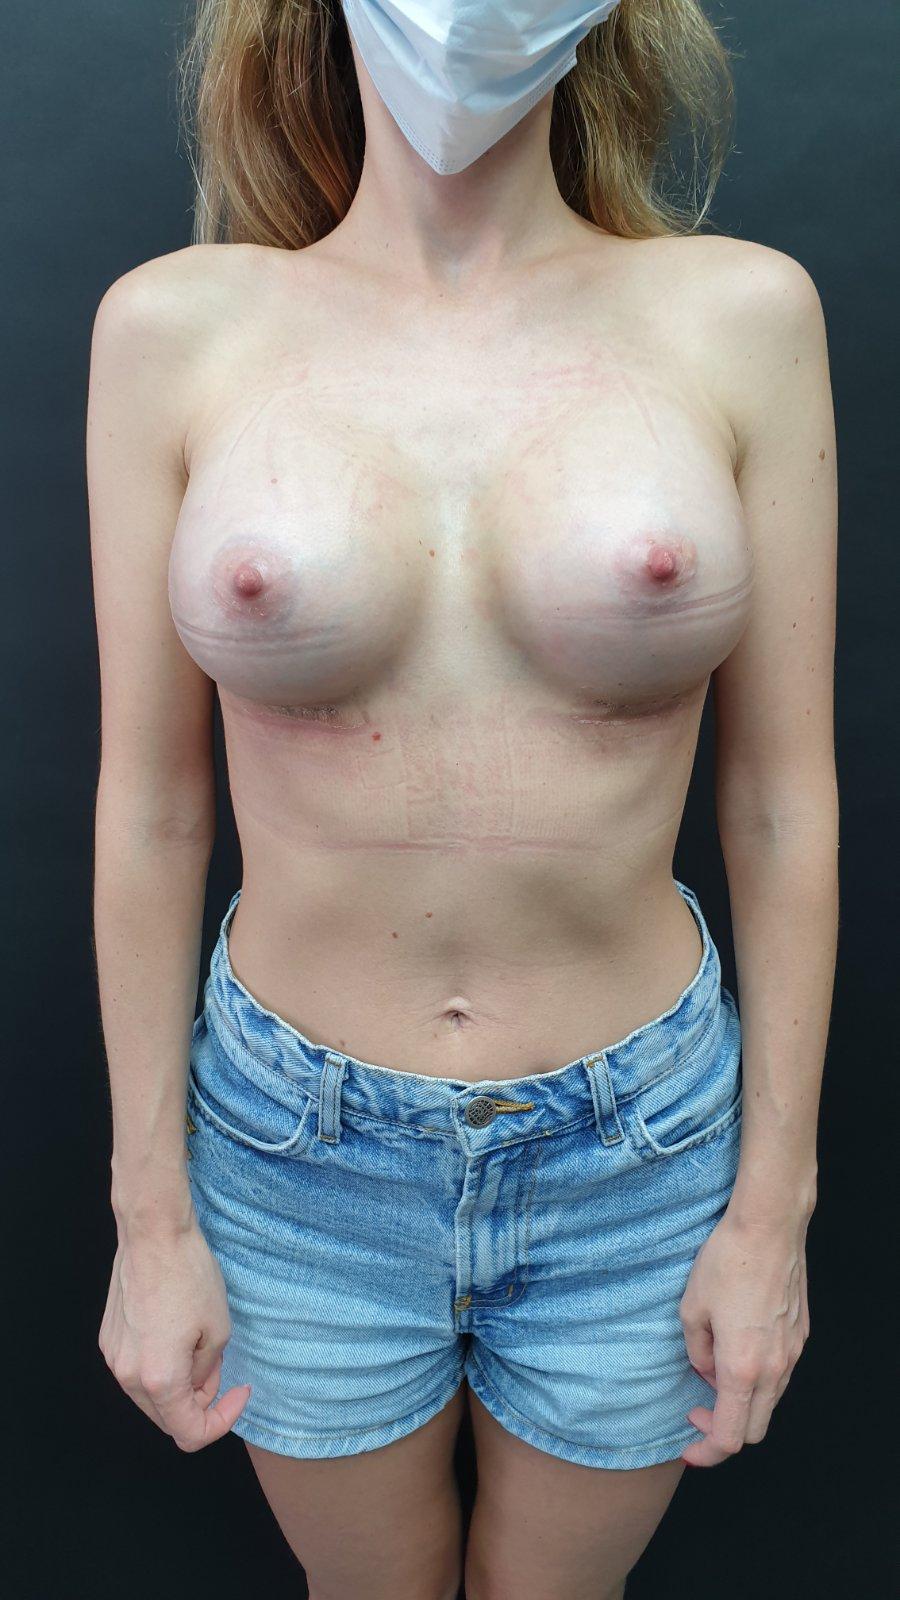 збільщення грудей фото після